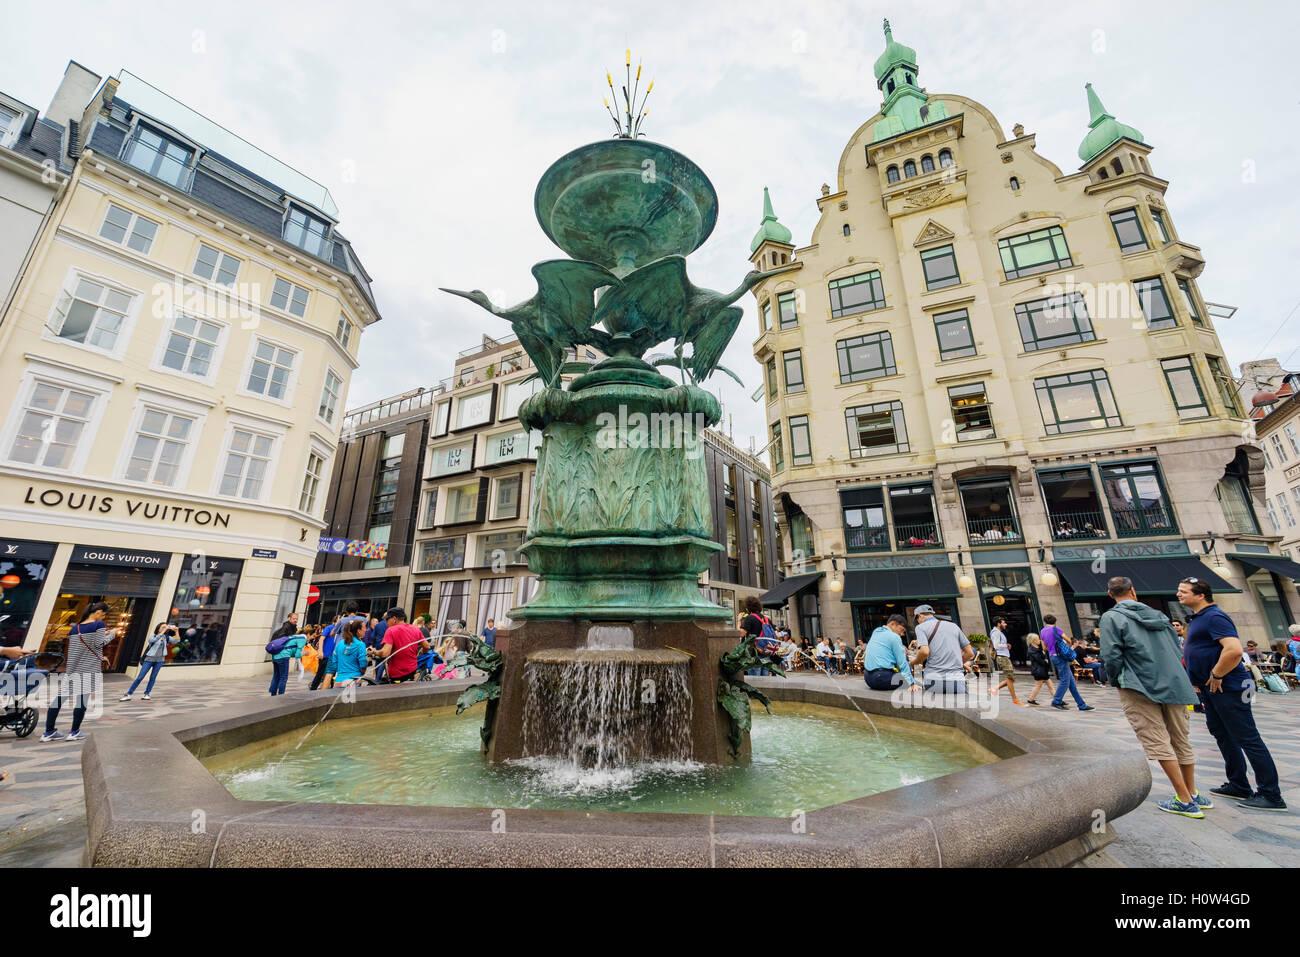 Copenhagen, AUG 28: The historical Stork Fountain on AUG 28, 2016 at Copenhagen, Denmark - Stock Image